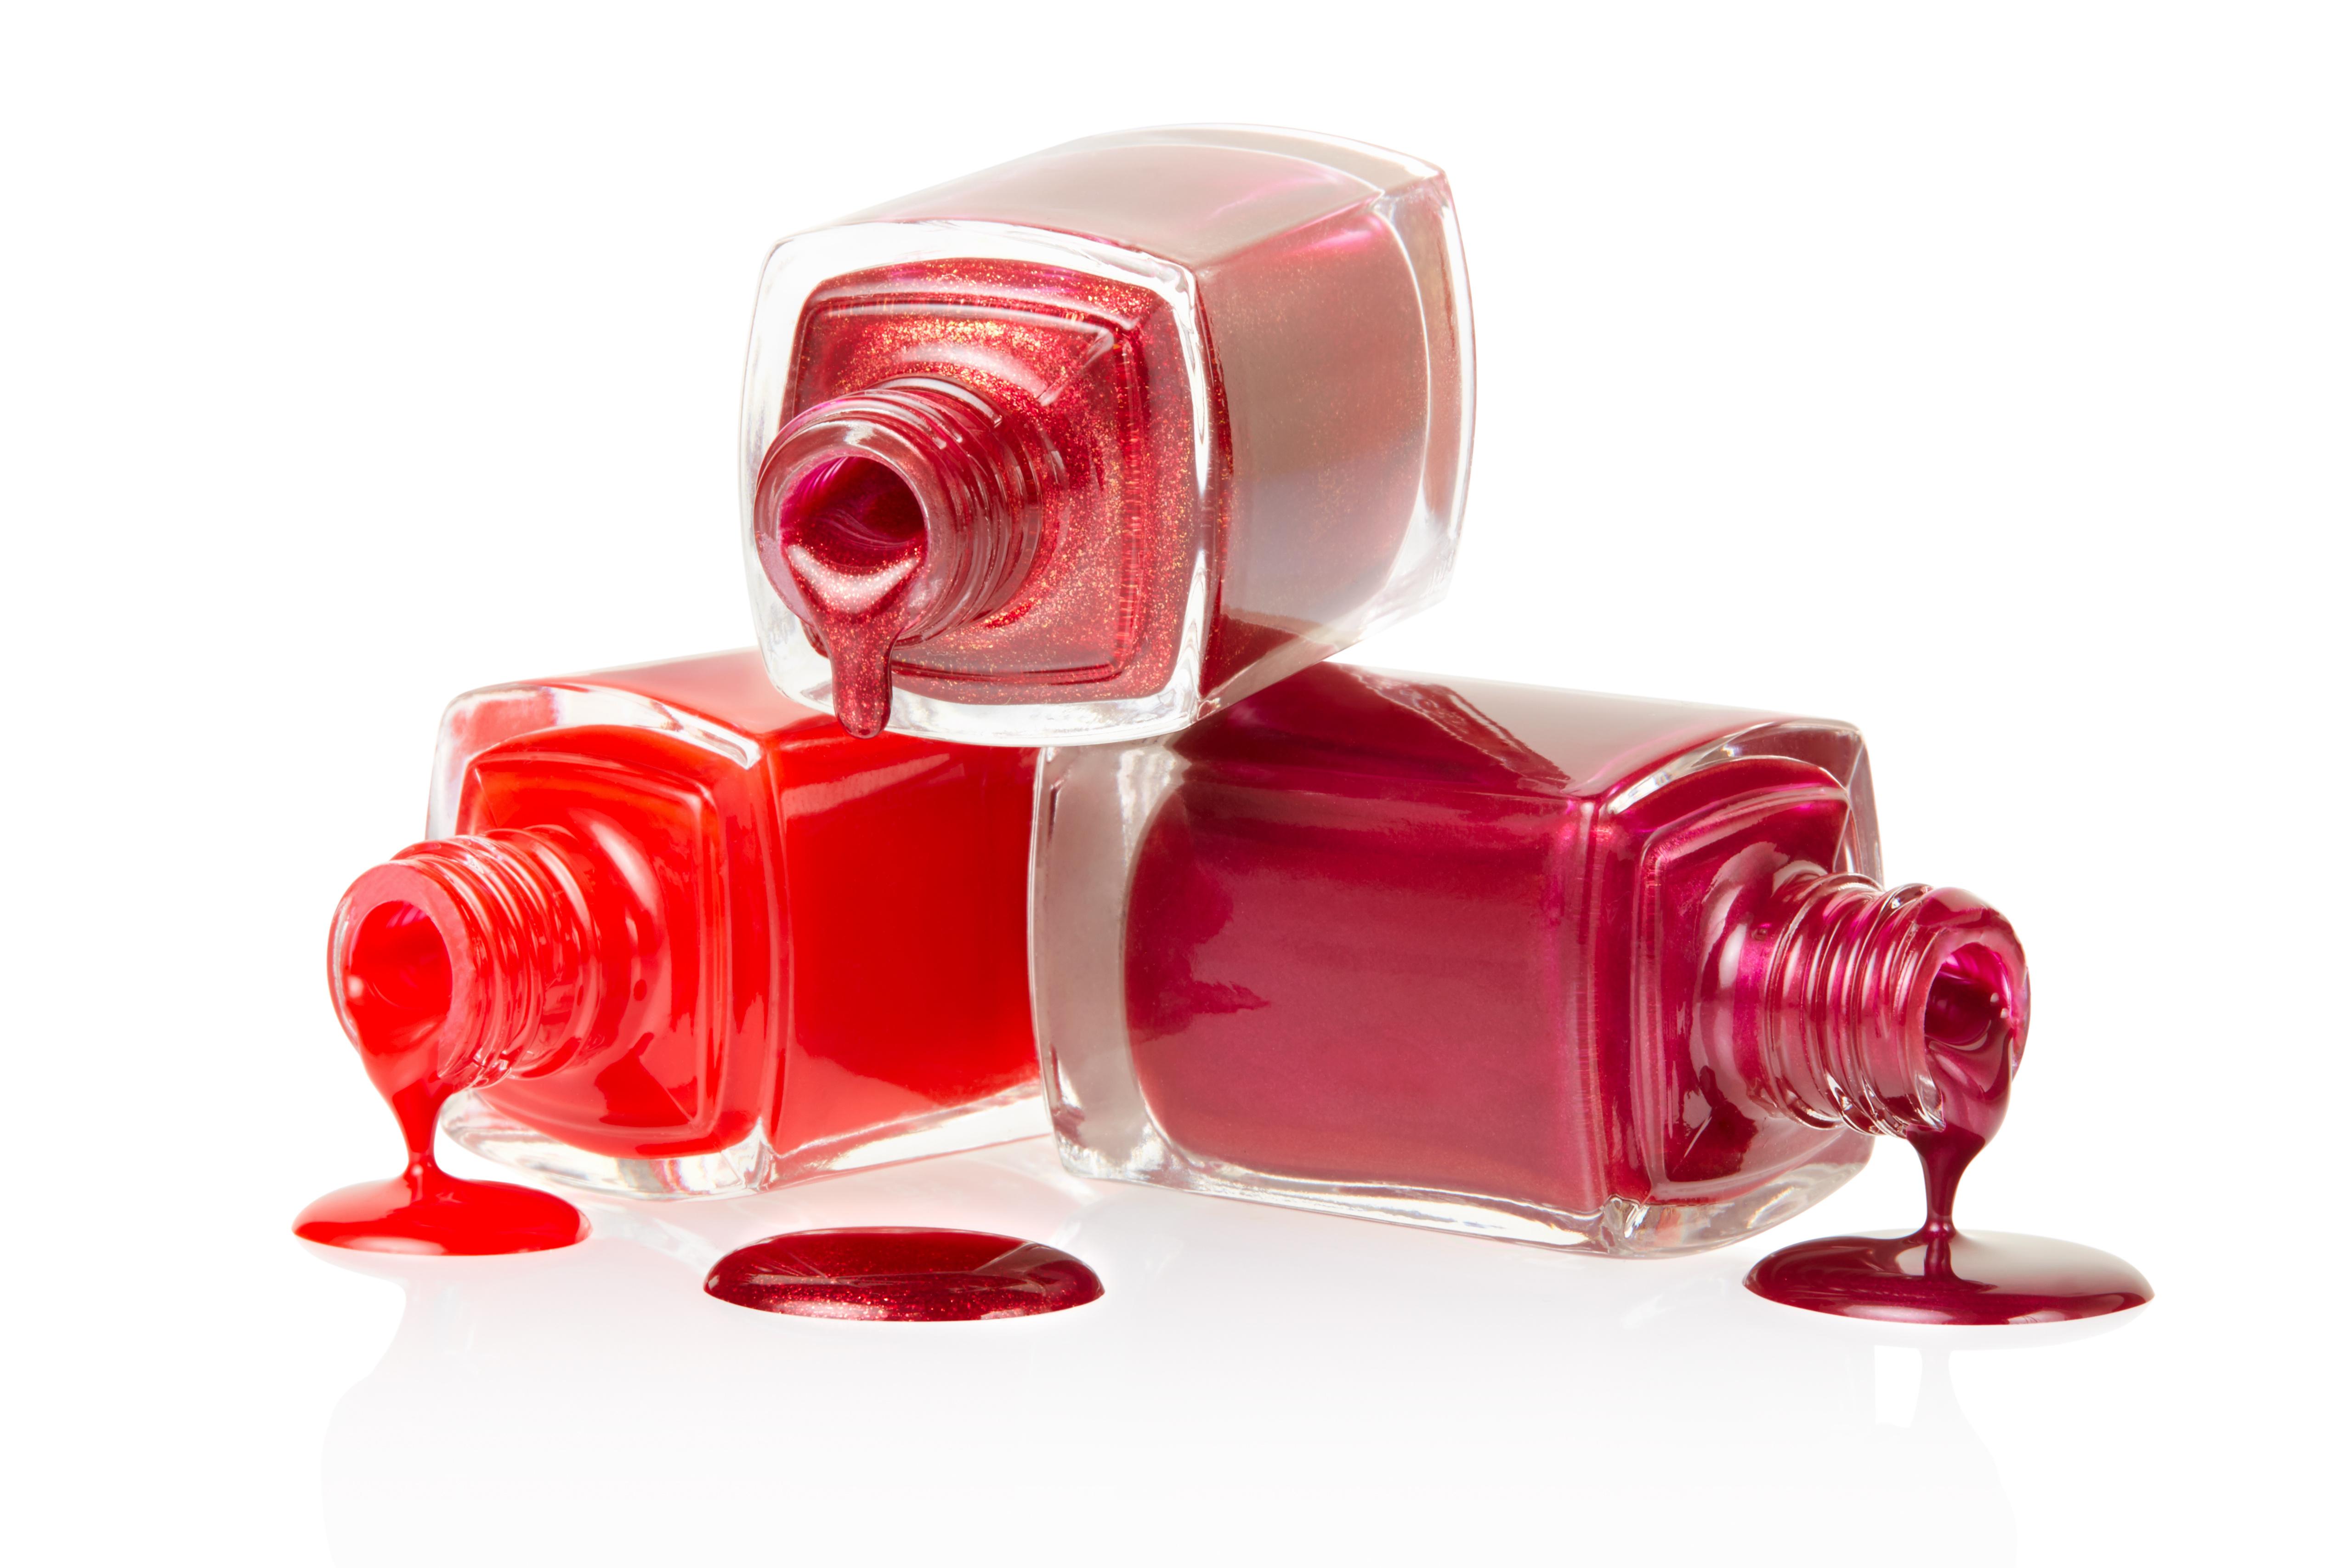 Wie passen Sie die Farbe des Nagellacks an die Form des Nagels?